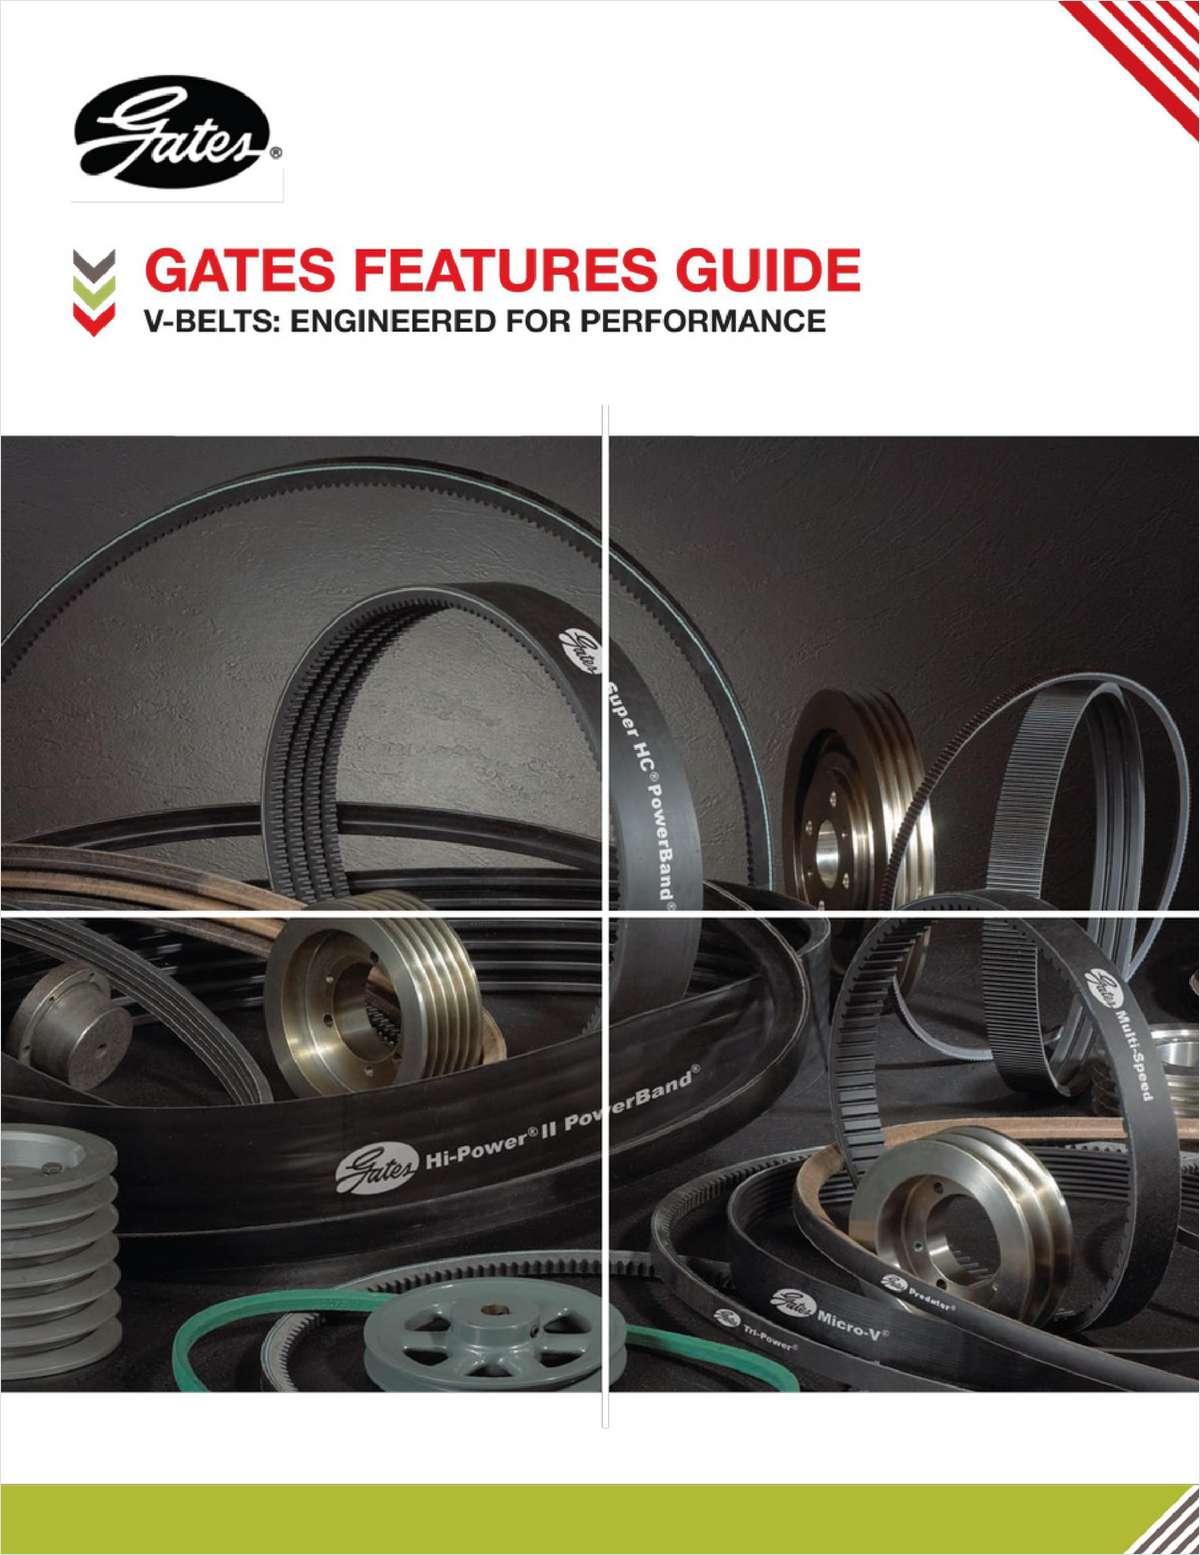 Gates V-Belts: Engineered for Performance